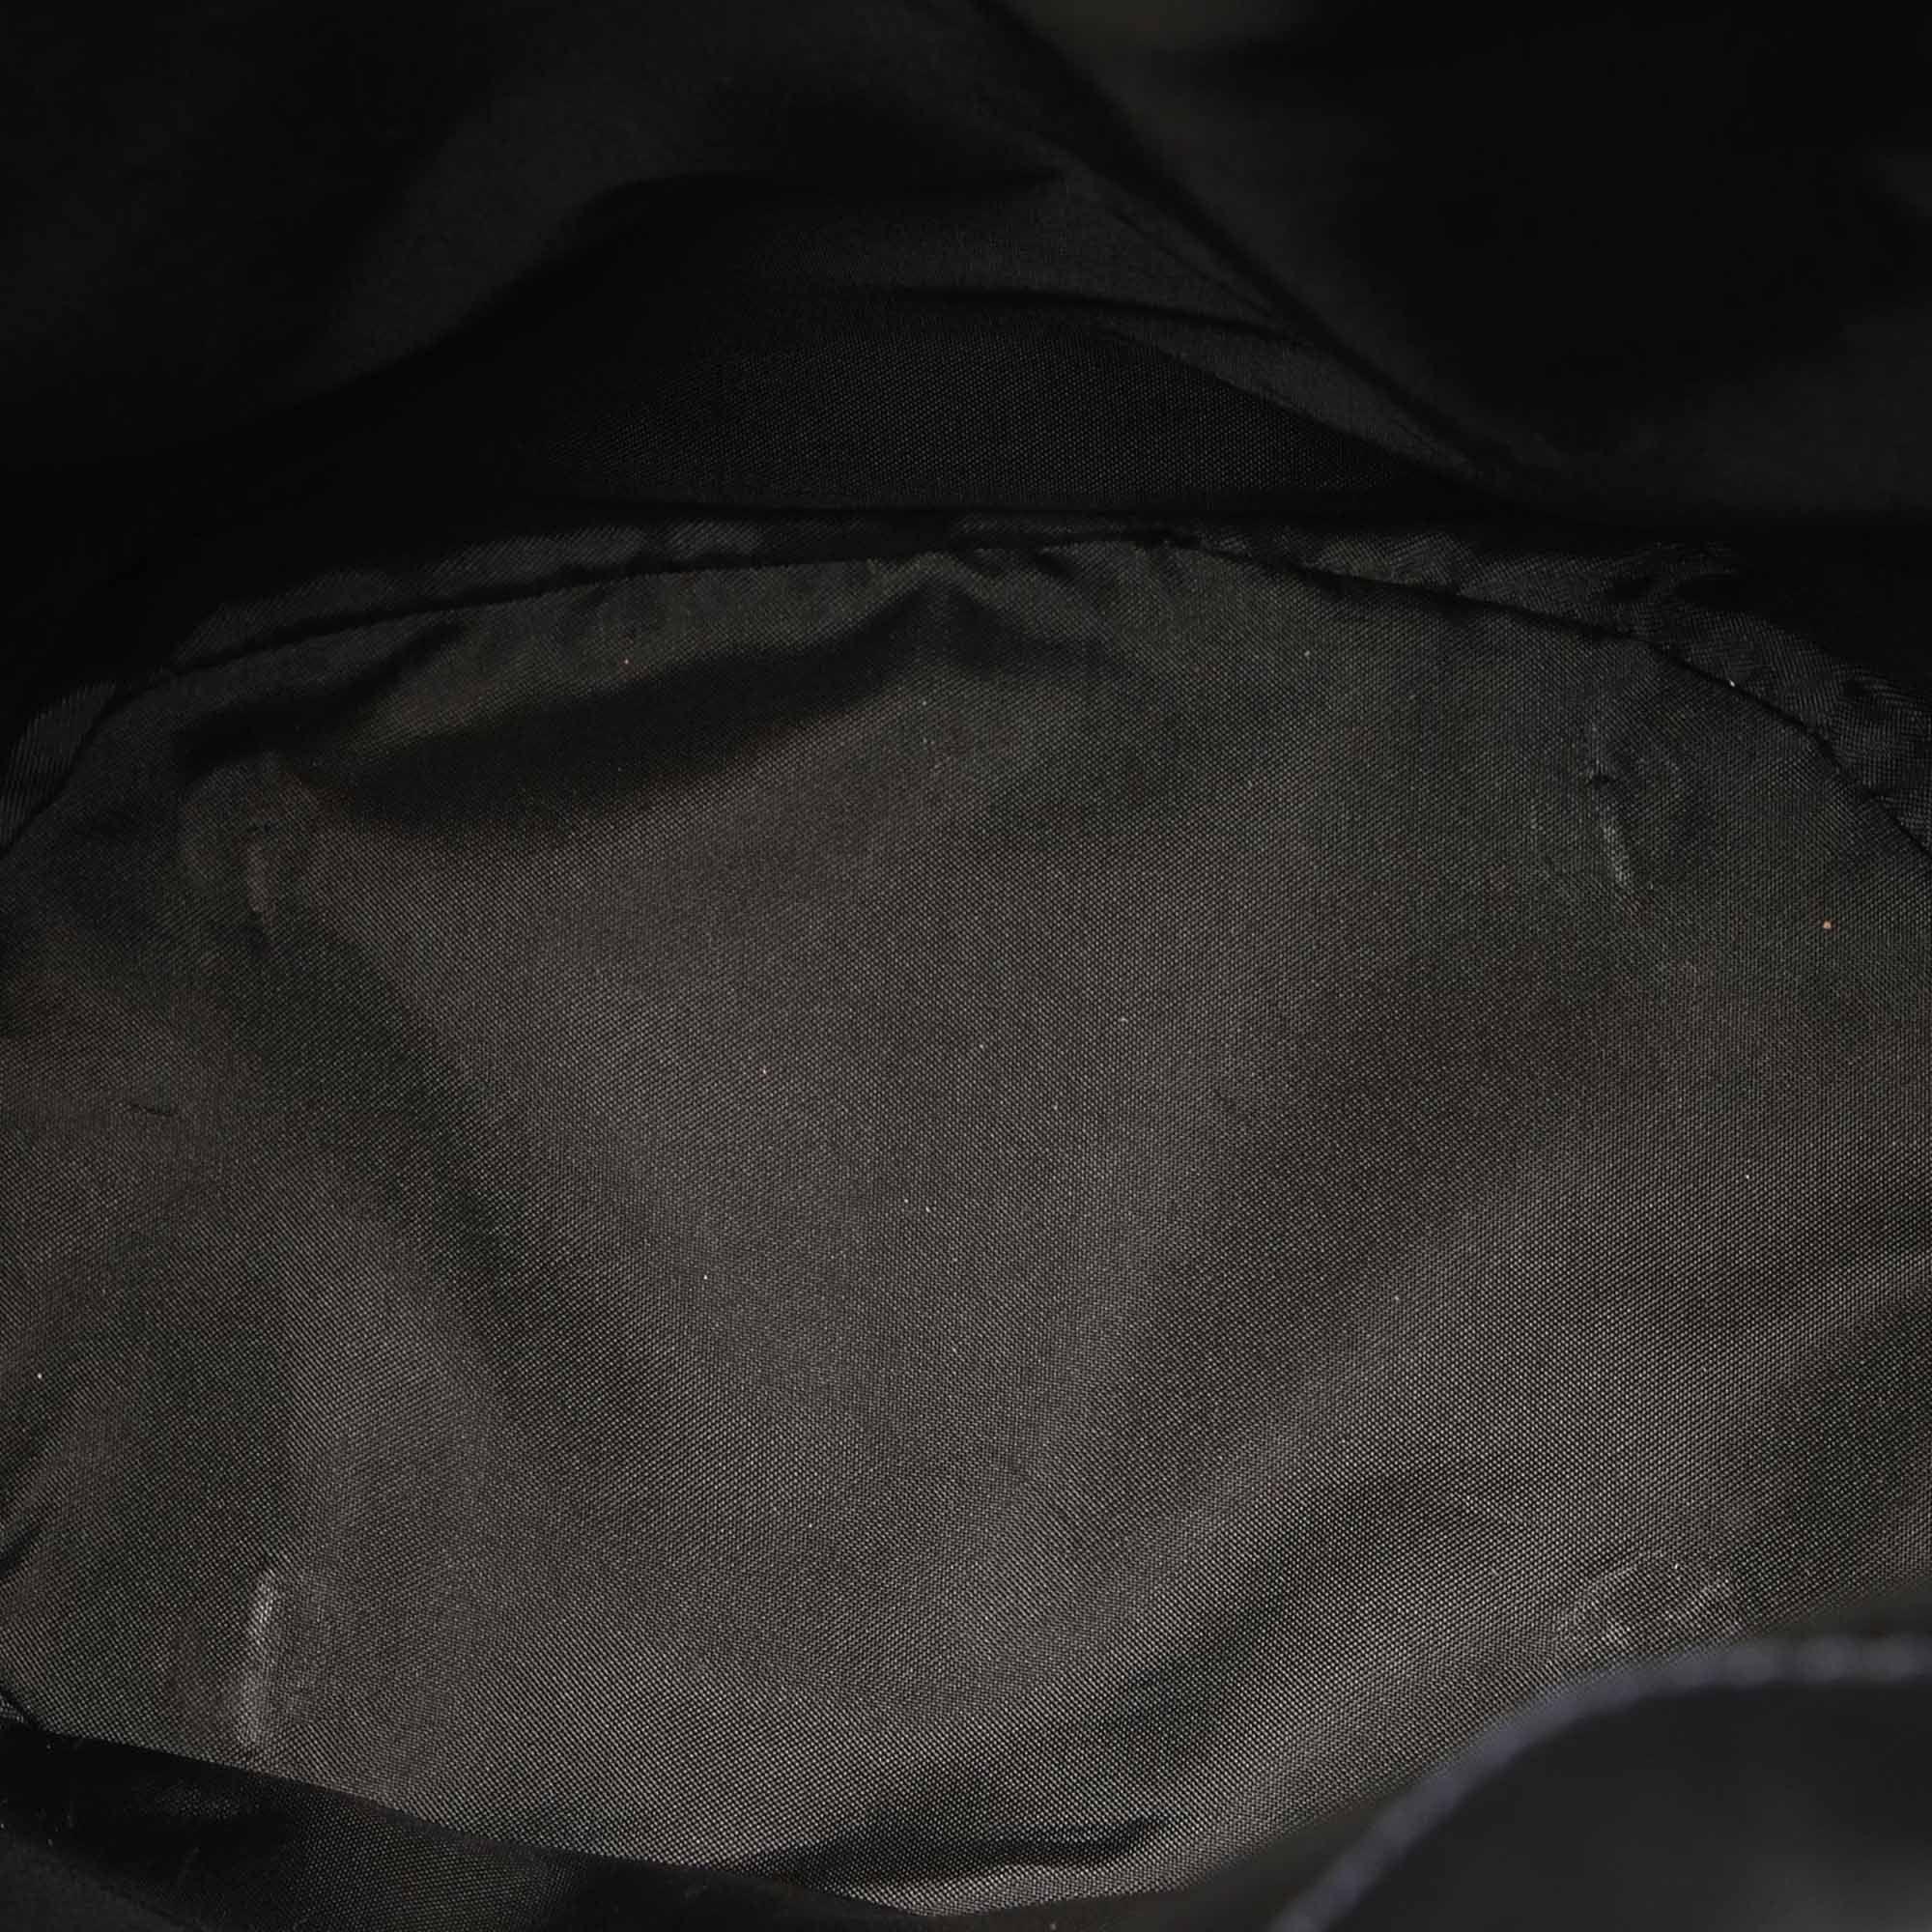 Vintage Burberry Smoke Check Coated Canvas Shoulder Bag Black